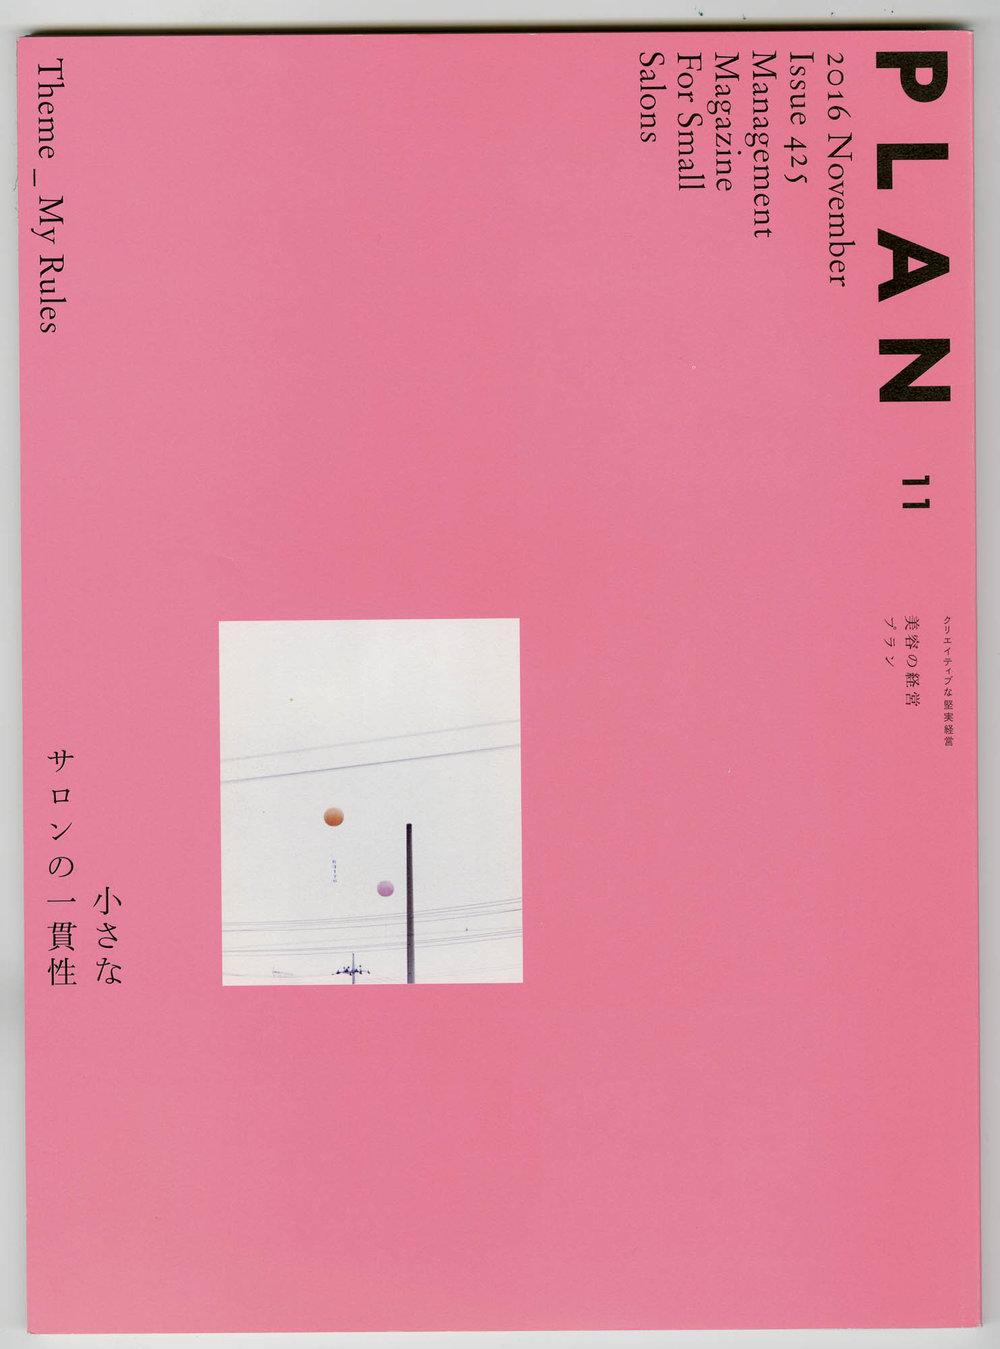 PLAN 美容の経営プラン2016年11月号 表紙/巻頭写真   http://www.j-mode.co.jp/plan/?eid=1007